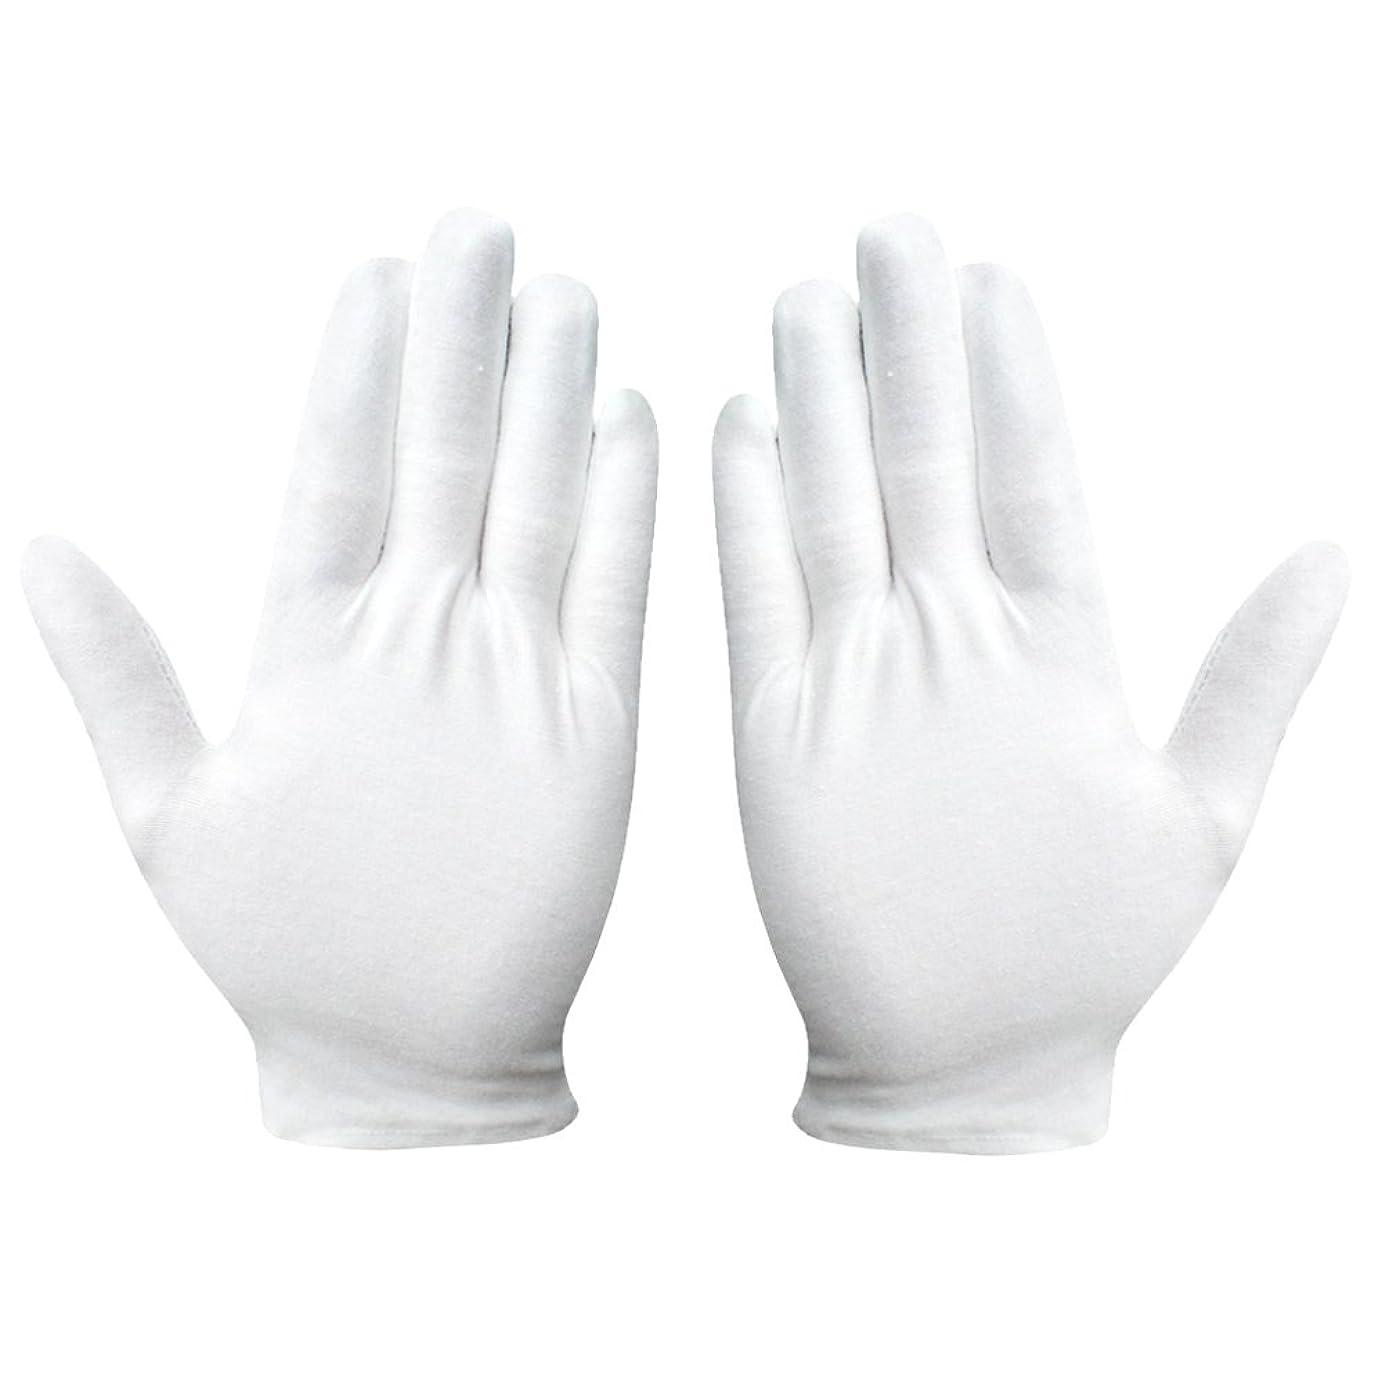 落ち着く継続中幸運綿手袋 純綿 コットン手袋 白手袋 薄手 通気性 手荒れ予防 【湿疹用 乾燥肌用 保湿用 礼装用】12双組